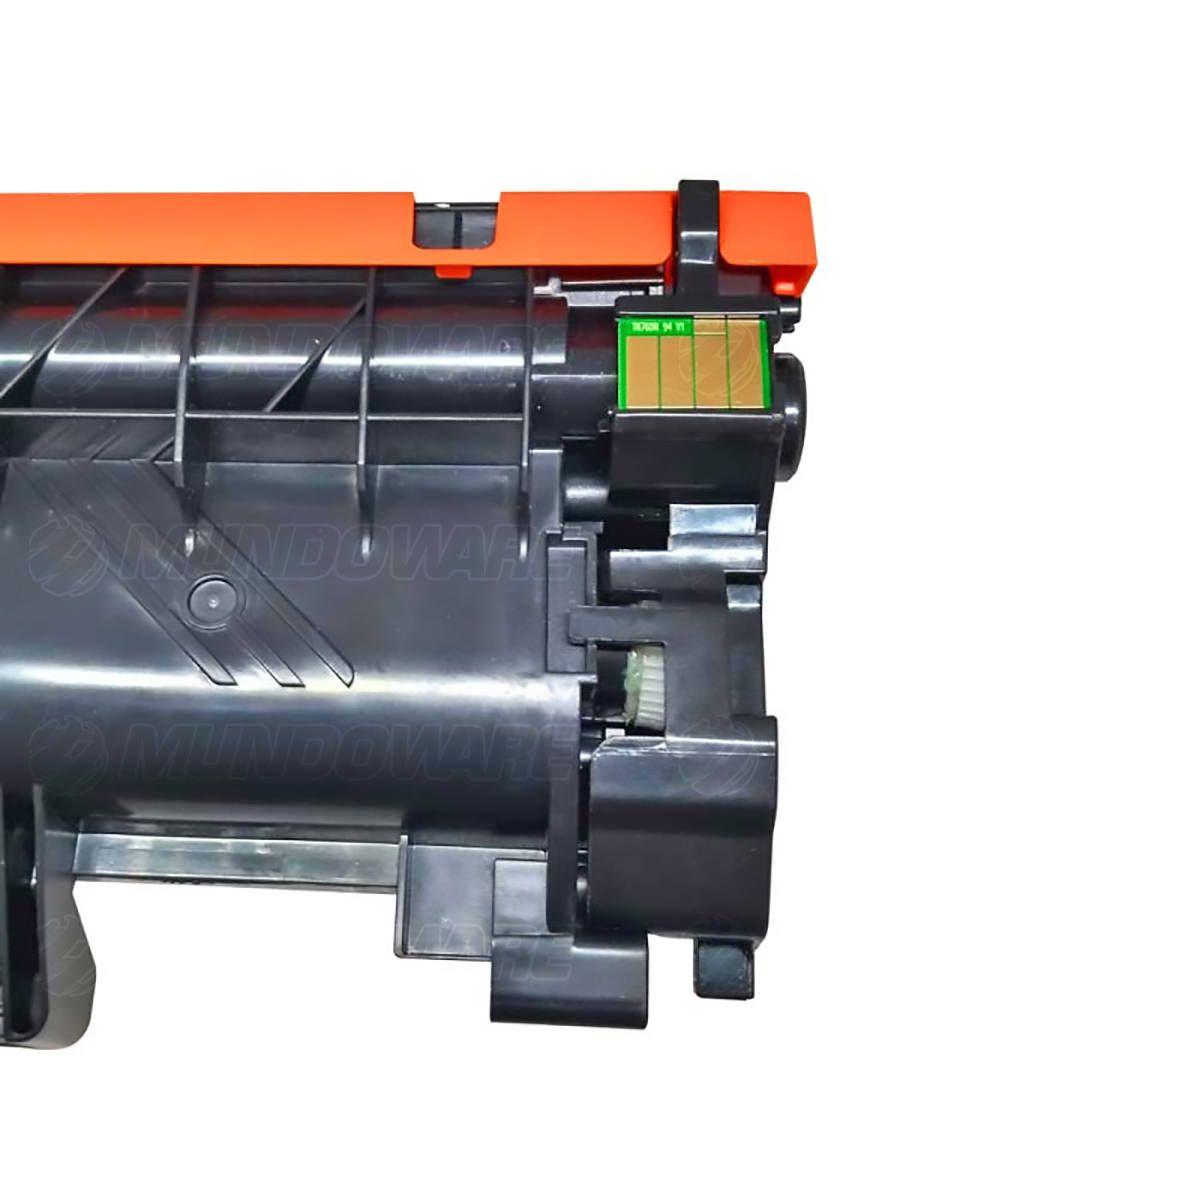 Compatível: Toner TN760 TN730 para Brother HL-L2350dw L2370dw L2395dw DCP-L2550dw MFC-L2730dw L2750dw / Preto / 3.000